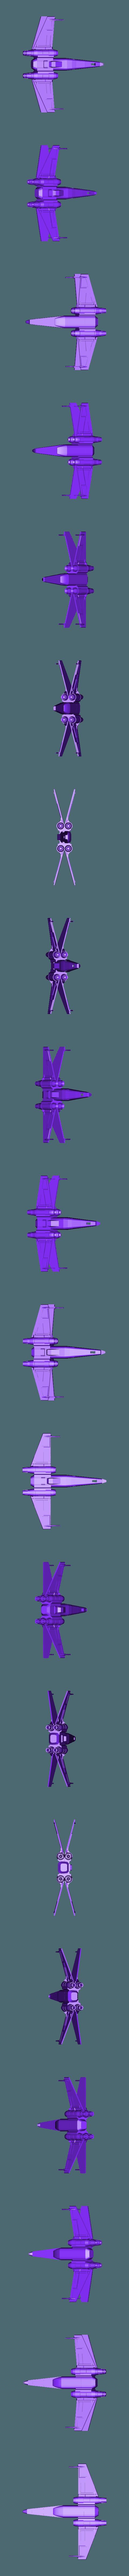 xwing_st_wr.stl Télécharger fichier STL gratuit X-Wing_Star_Wars • Objet à imprimer en 3D, rostchup228